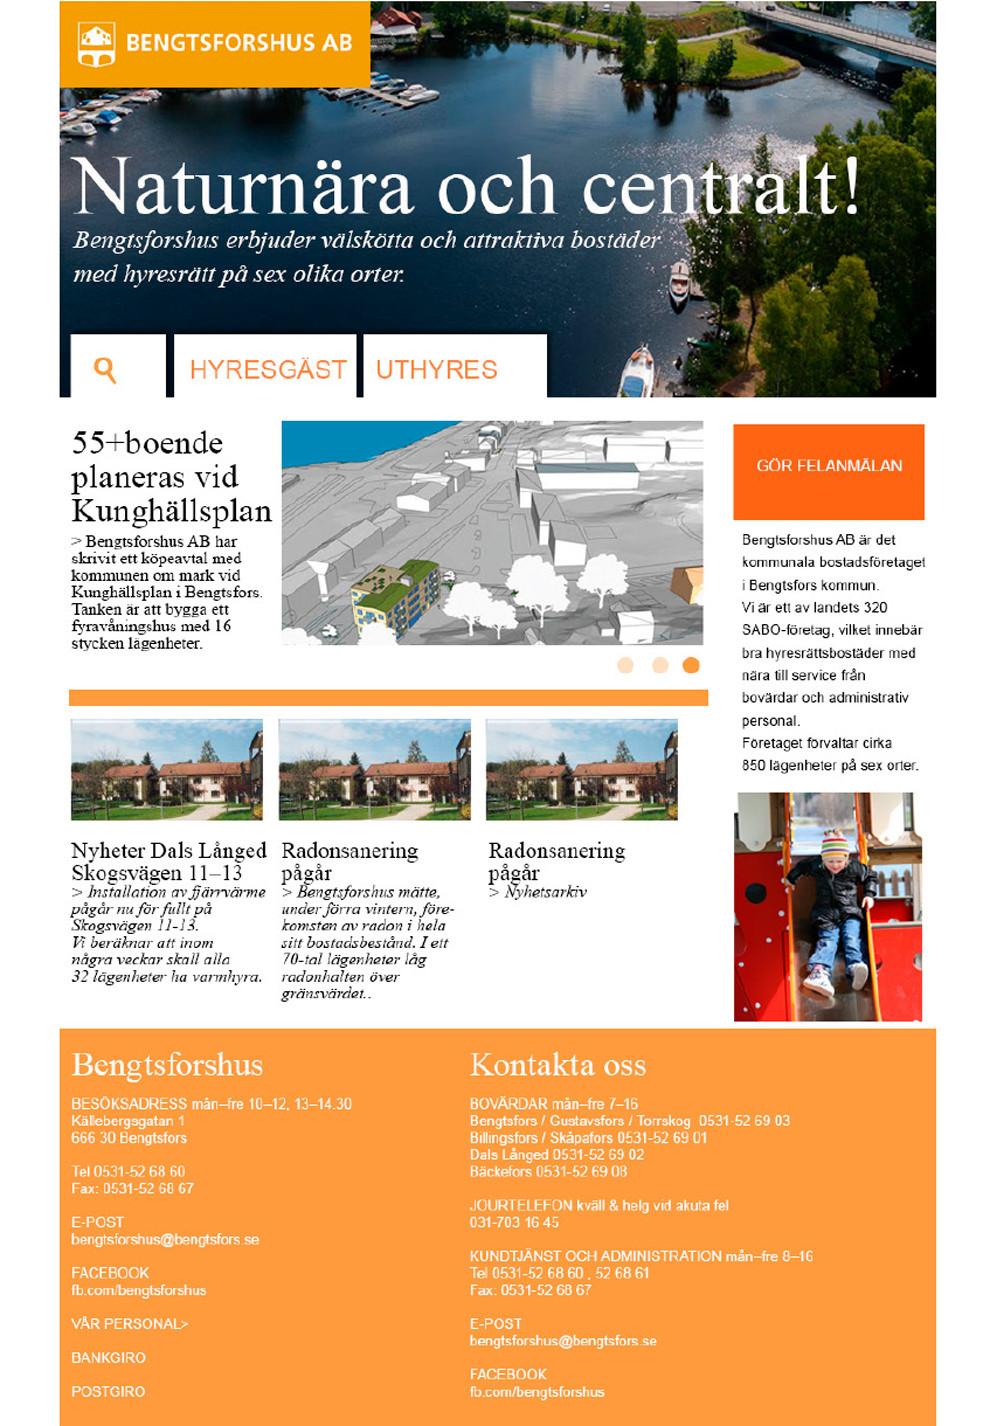 Bengtsforshus www